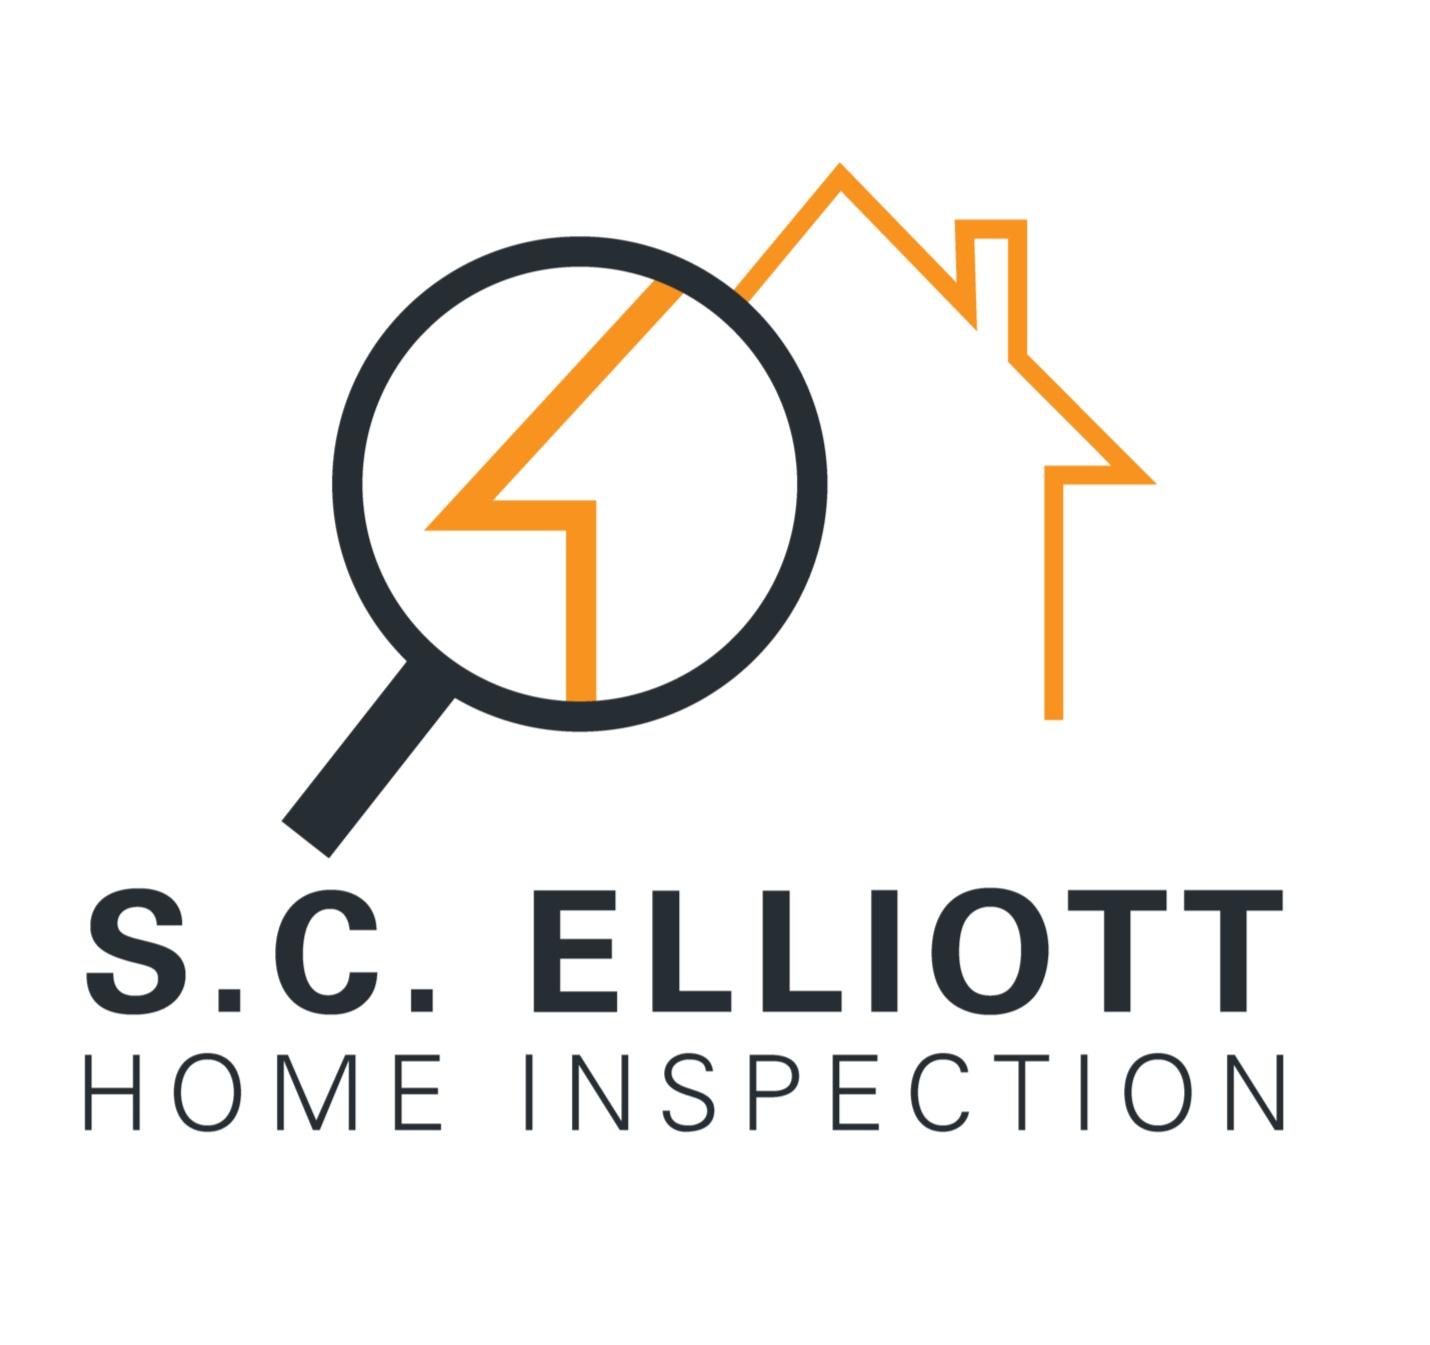 S.C.+Elliot+Logo-01.jpg